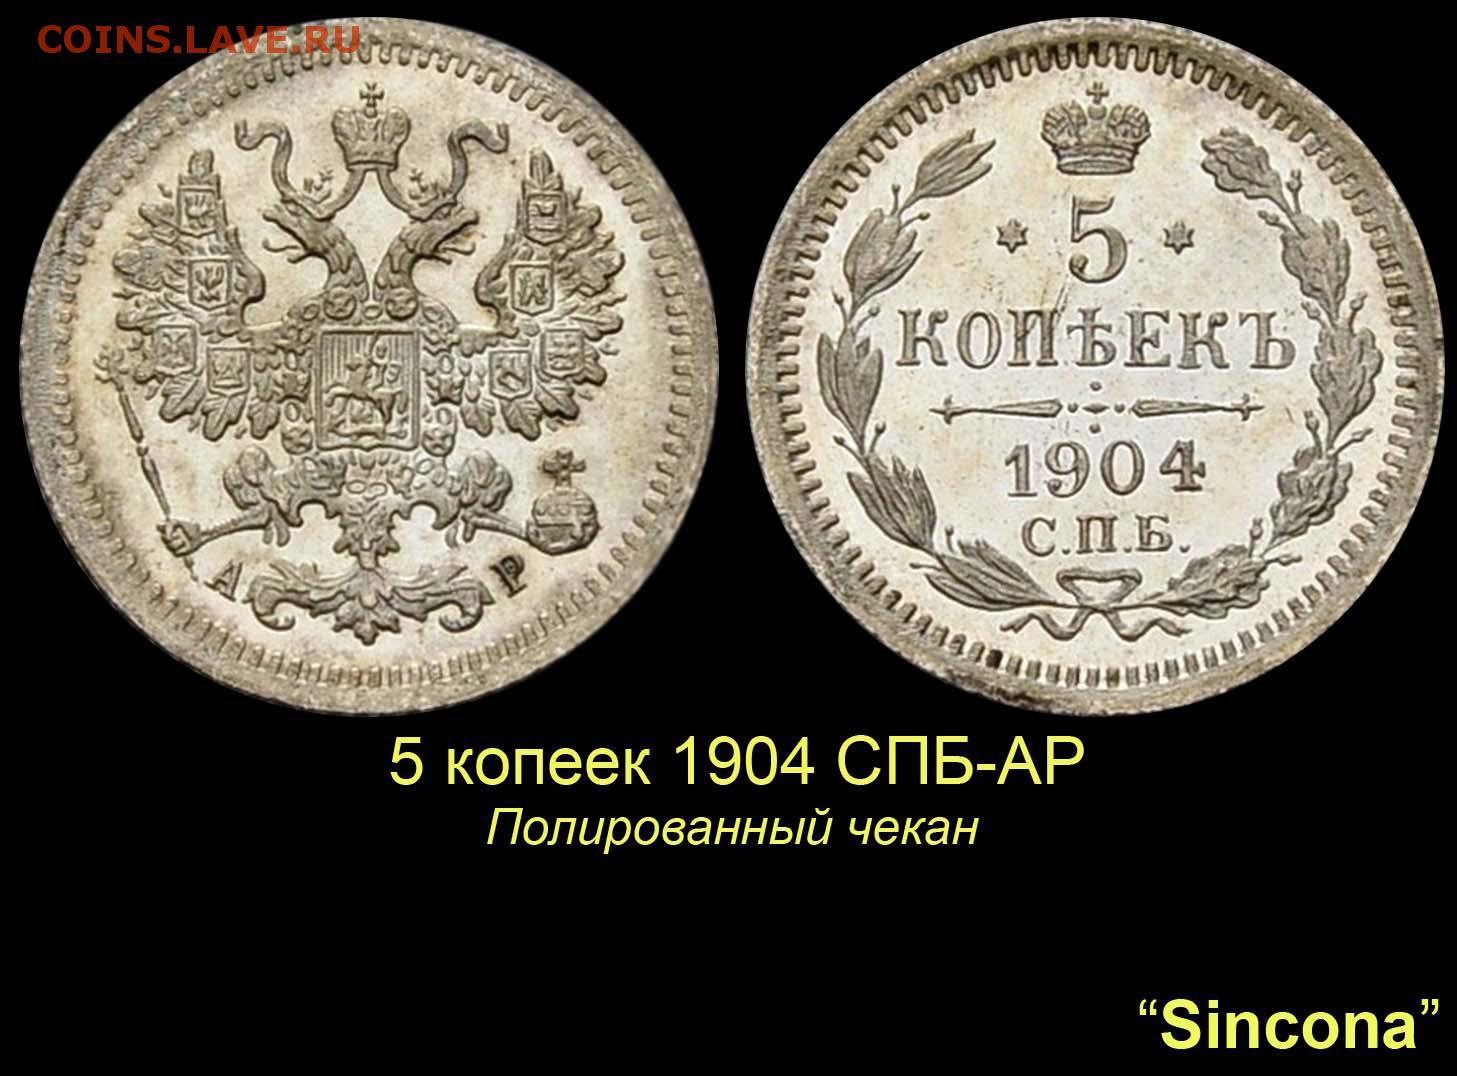 Аукцион редкие монеты 11 ноября 2017 года 3 копеек 1908 года цена